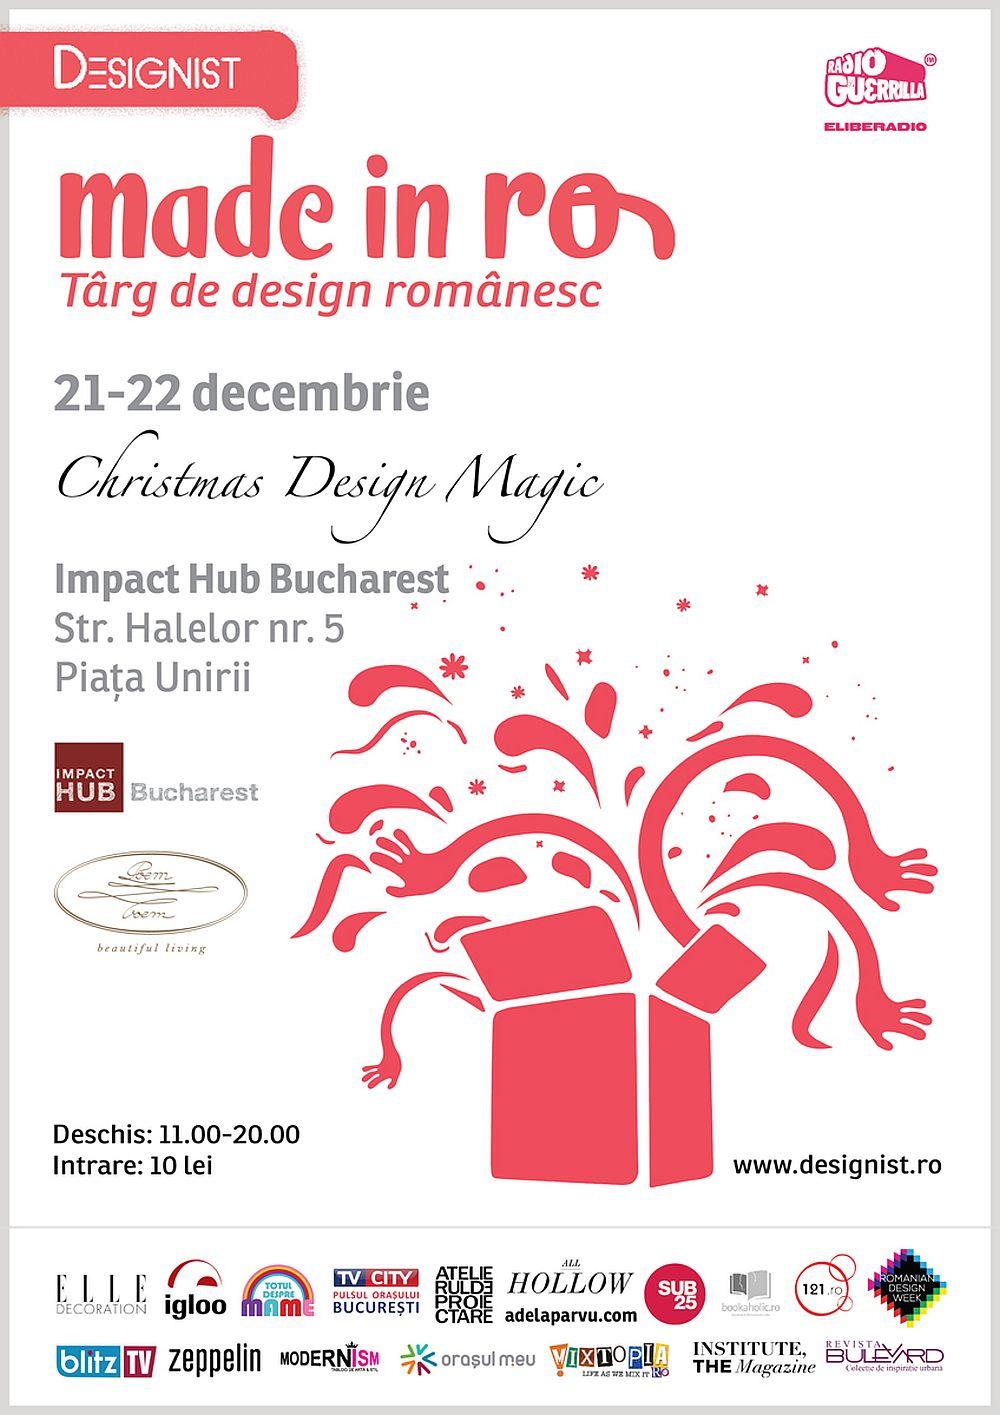 adelaparvu.com about Made in RO design fair 21-22 dec